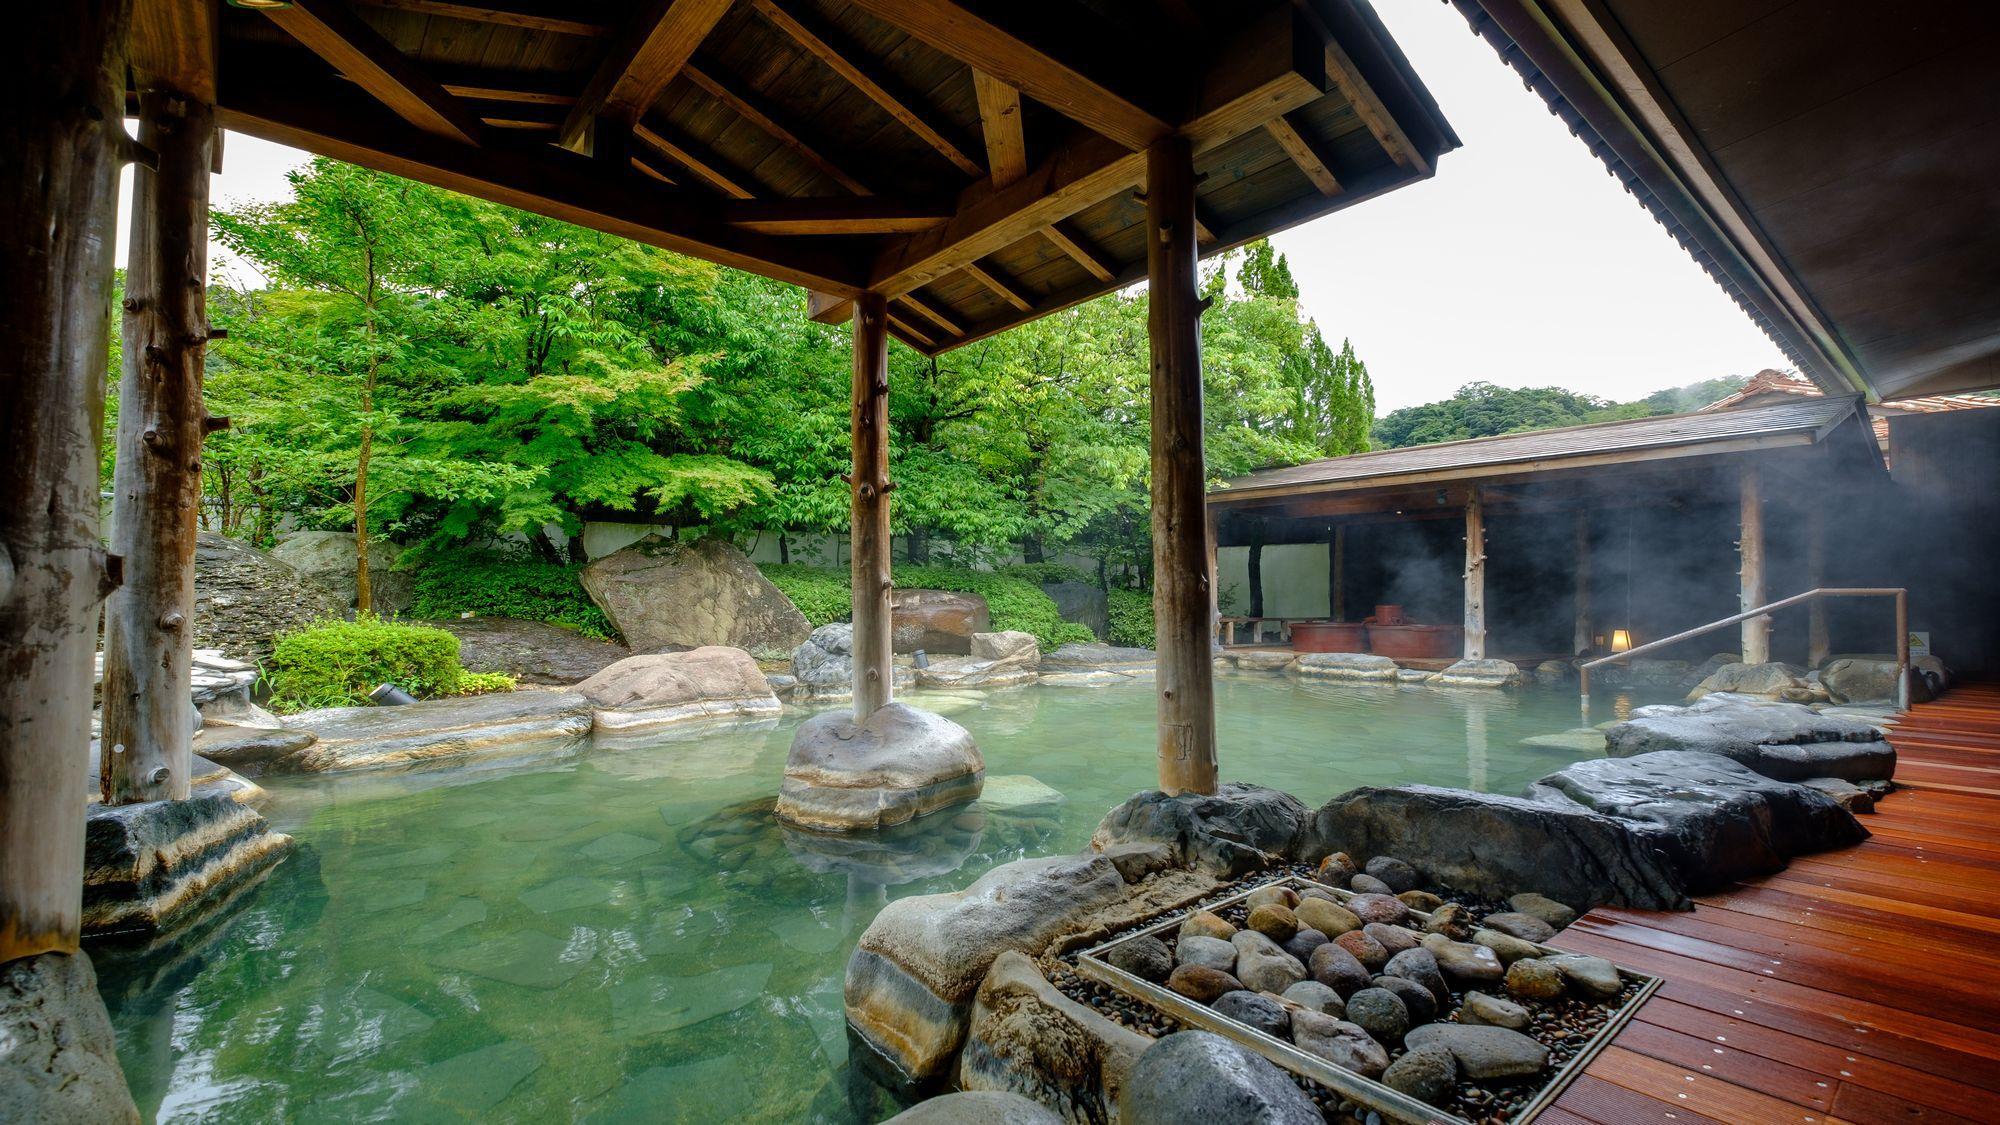 【庭の湯】心酔の湯:日本庭園を眺めながら、四季を楽しむひとときを